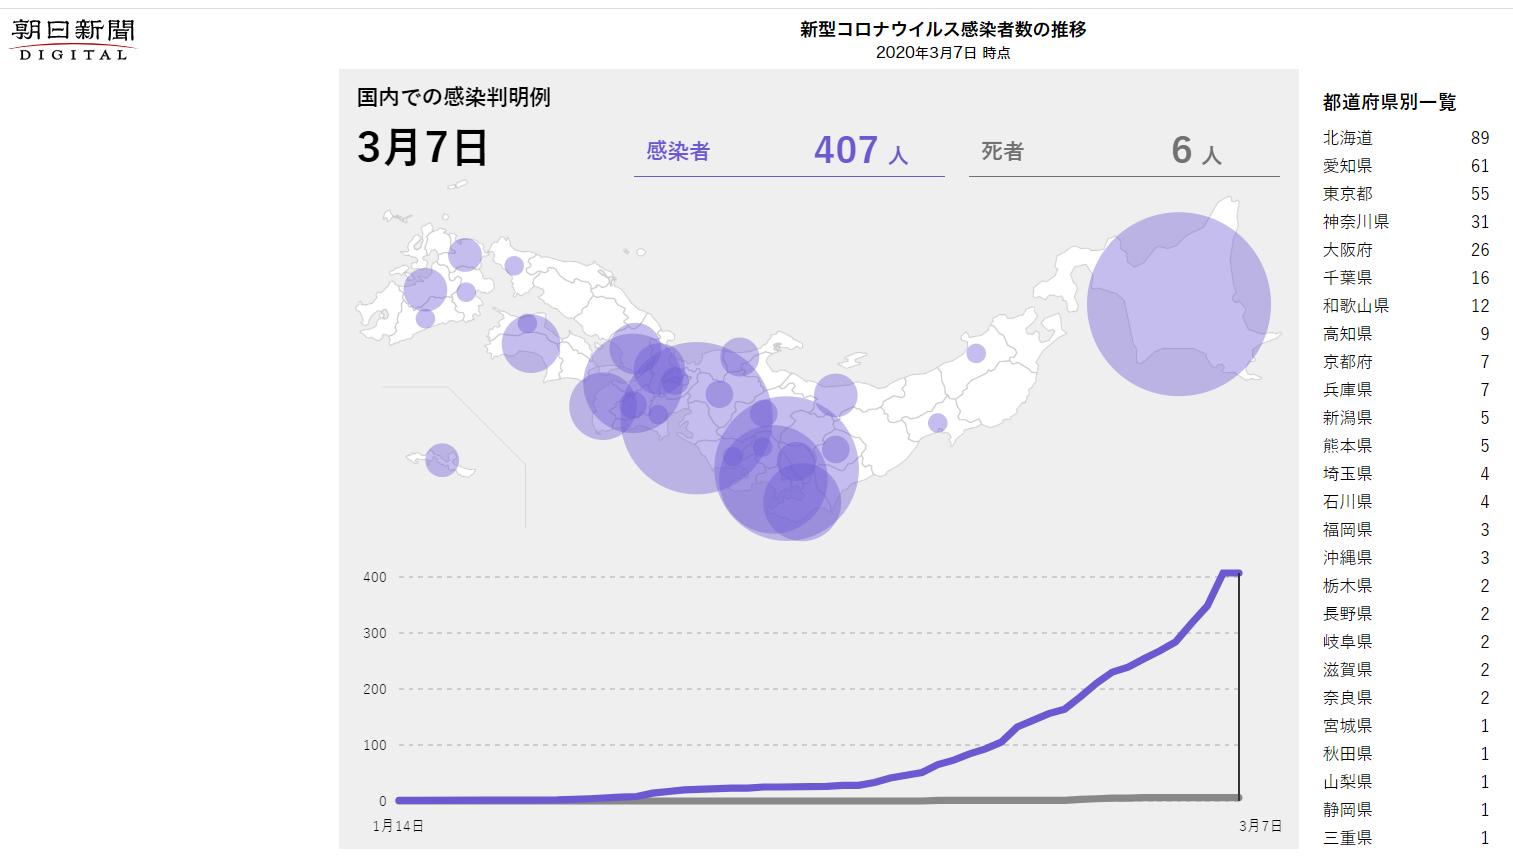 朝日新聞 日本の新型コロナウイルス感染者マップ - 日本の新型コロナウイルス感染者数と感染防止法